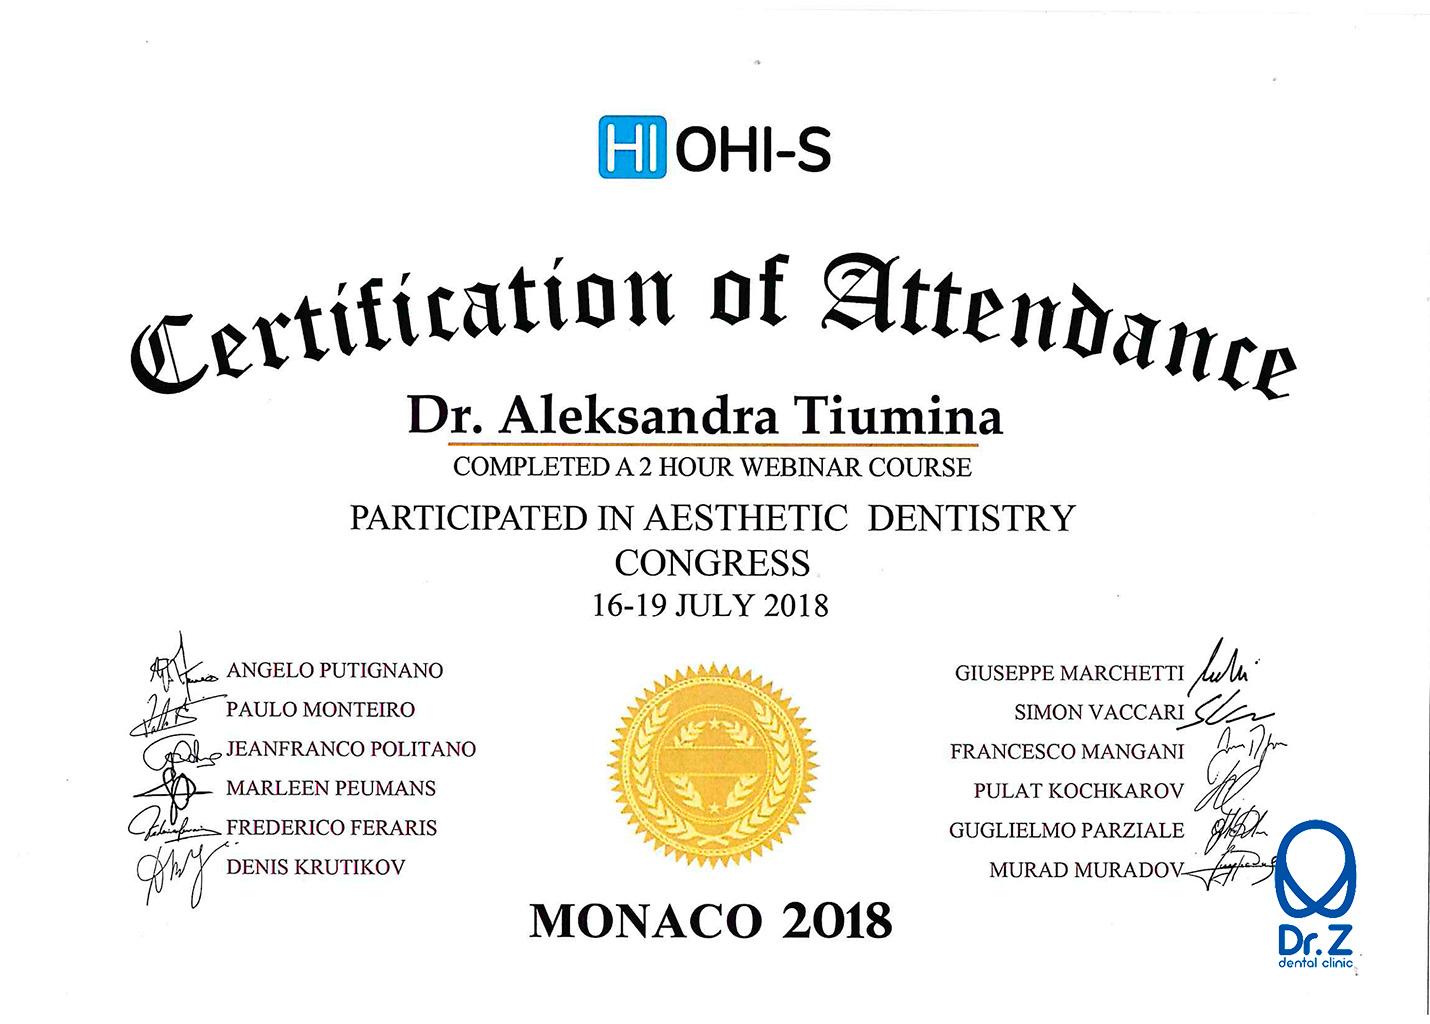 Сертификат выдан Тюминой Александре Олеговне за прохождение курса по теме